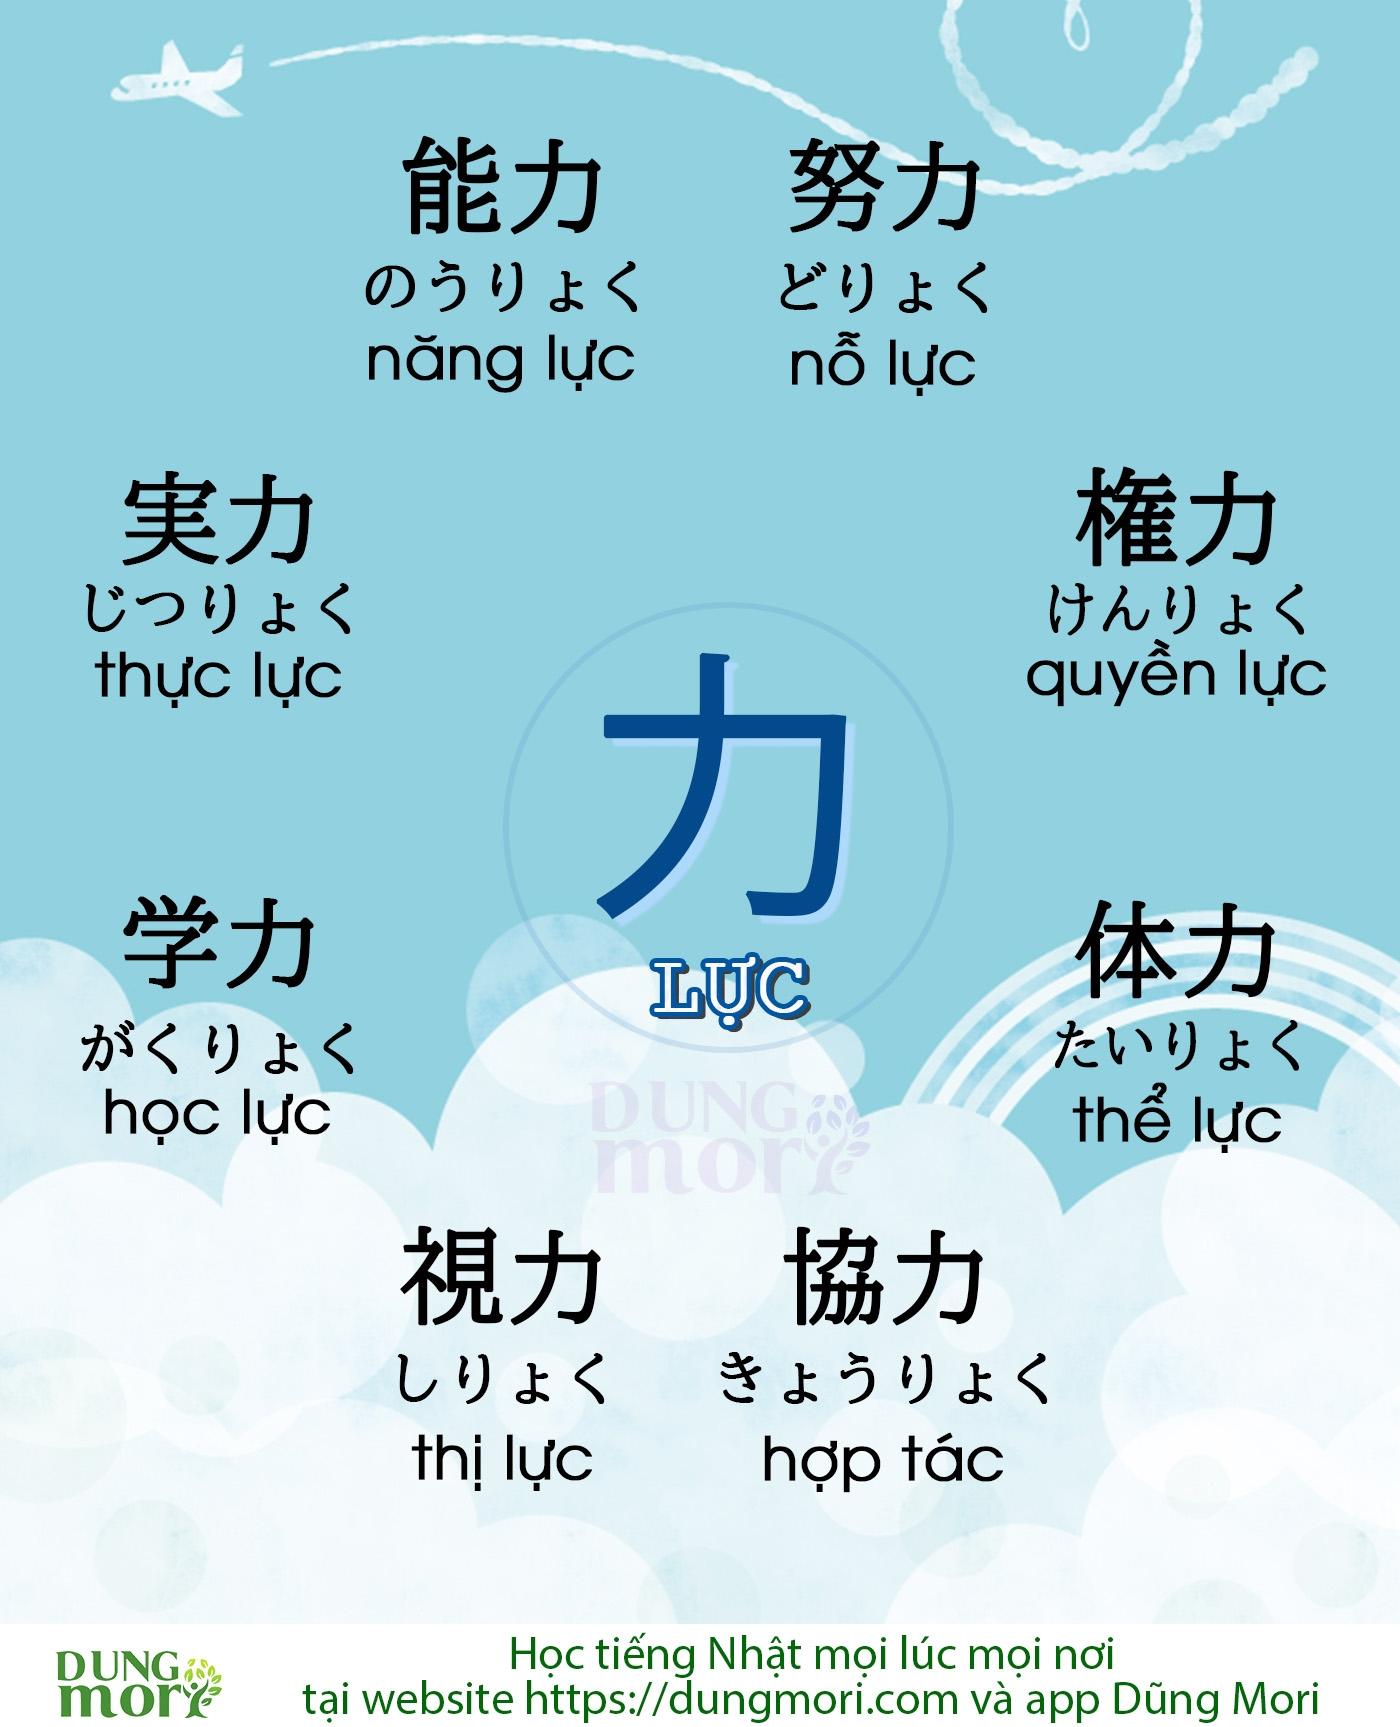 Một số từ vựng tiếng Nhật liên quan đến Chữ Lực 力